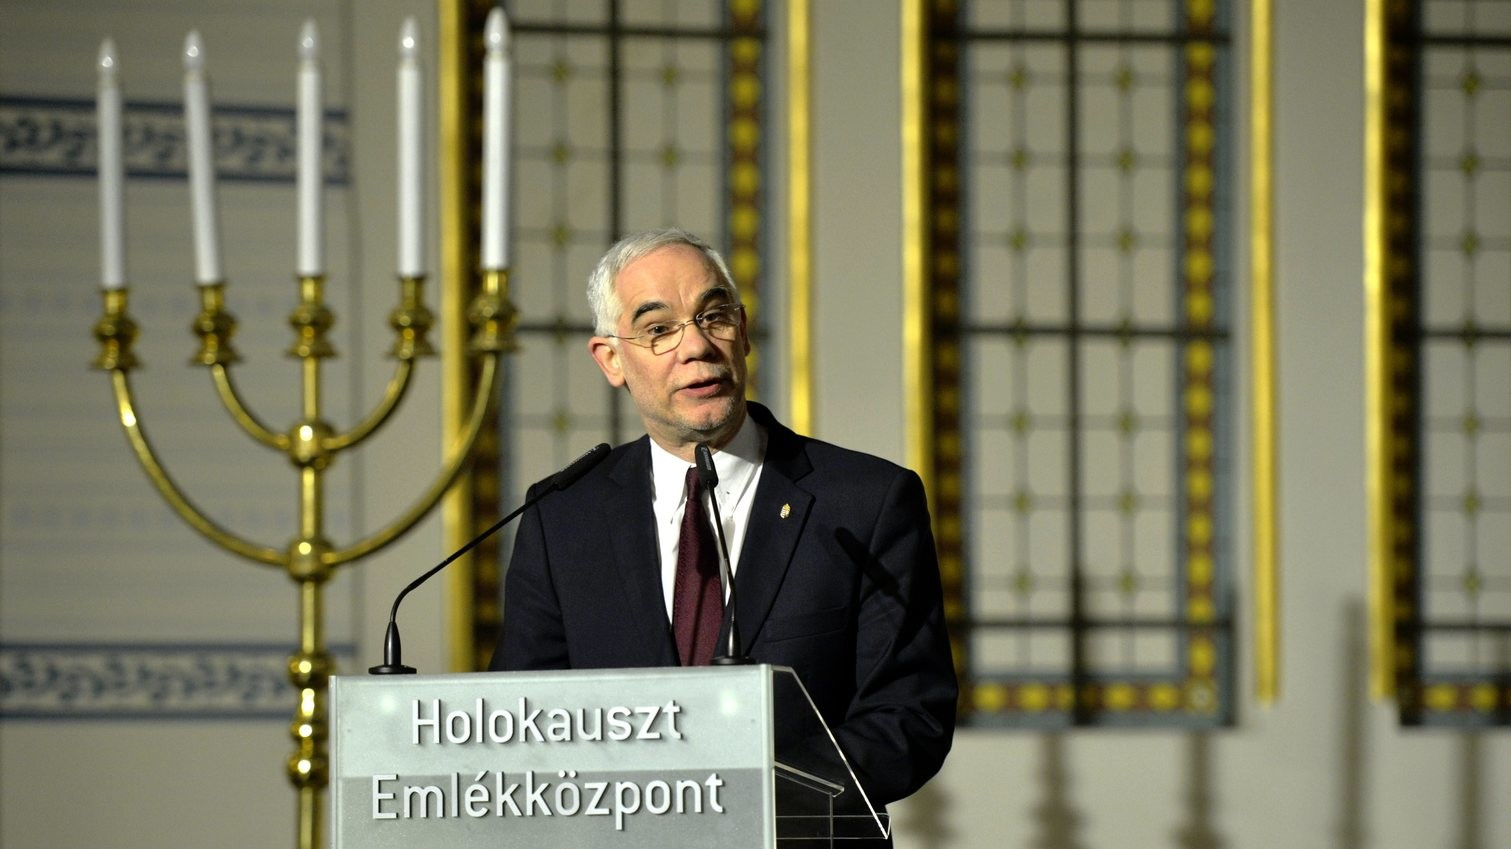 Balog Zoltán, az emberi erőforrások minisztere beszédet mond a Raoul Wallenberg-díjak ünnepélyes átadásán a Páva utcai Holokauszt Emlékközpontban 2013. január 17-én (MTI Fotó: Beliczay László)